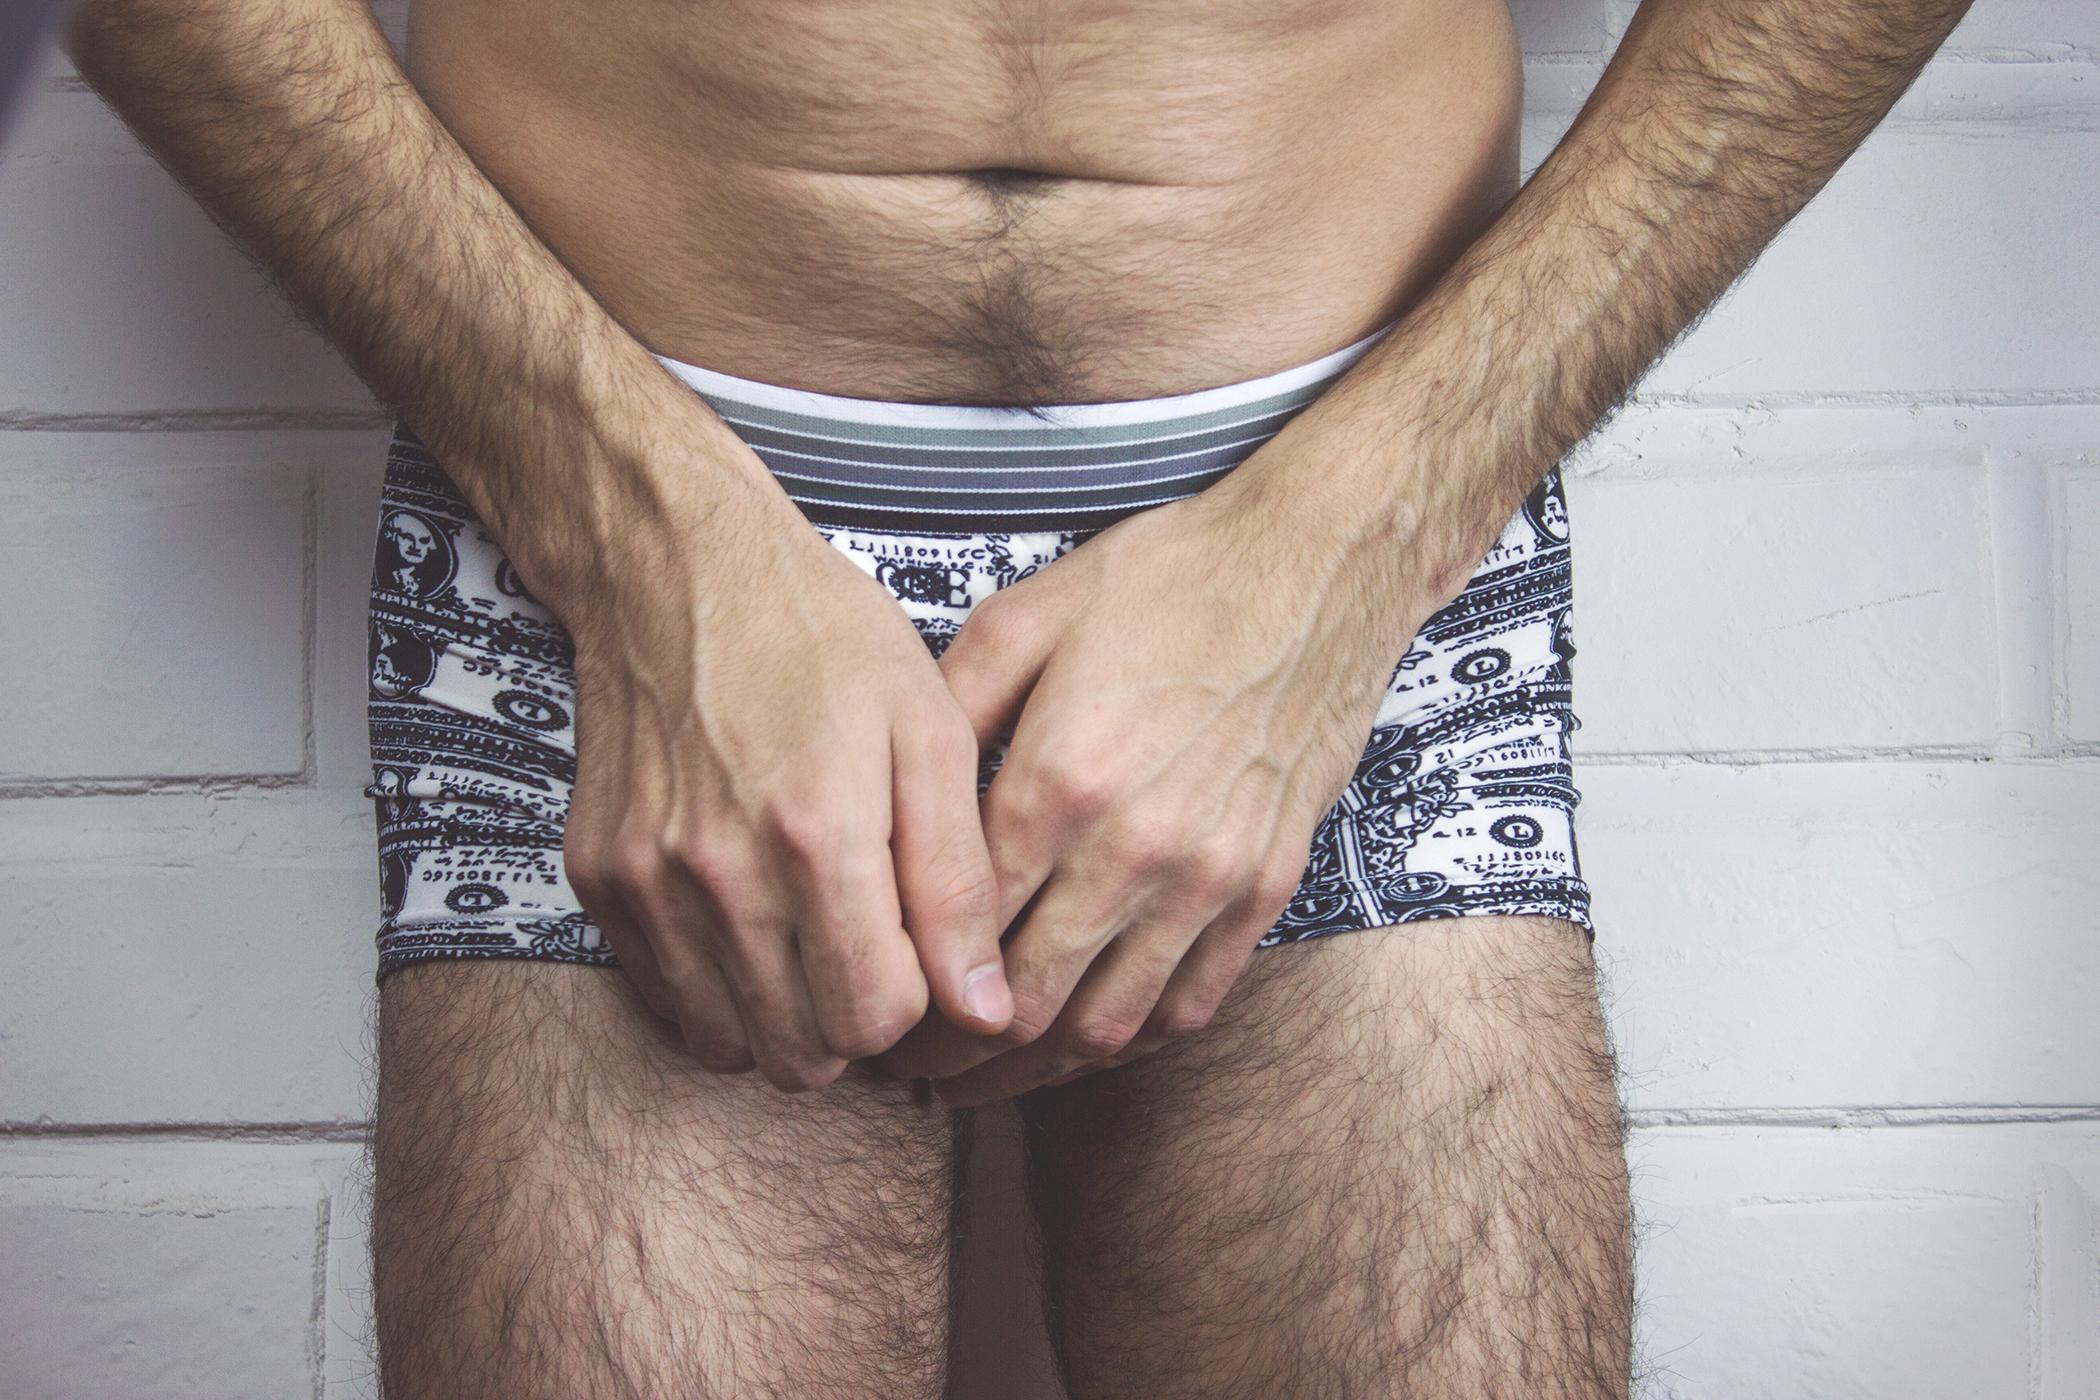 Elképesztően nagy pénisze van a férfinak - Videó! (18+)